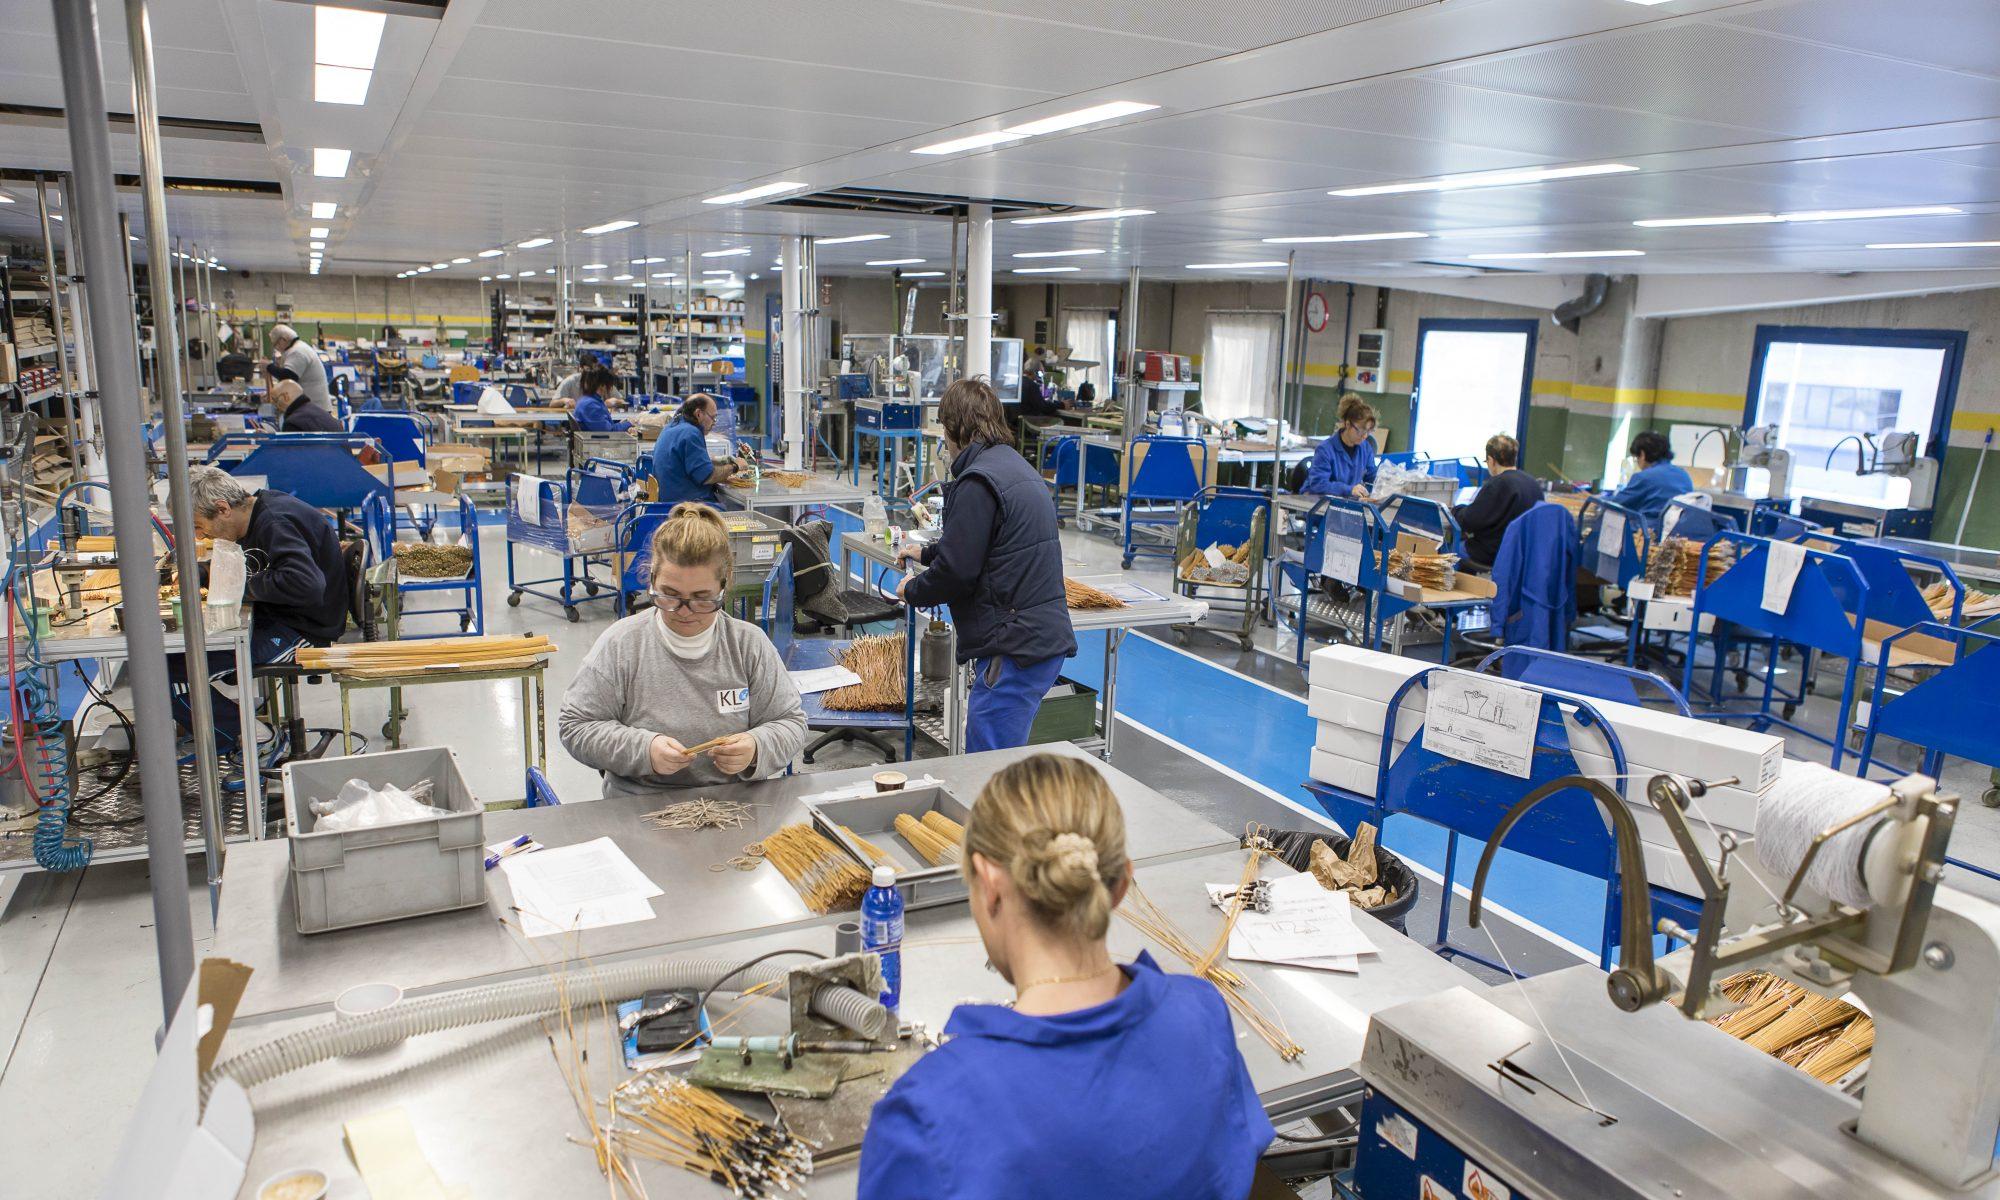 Katelegaia refuerza la actividad industrial de su planta de Lazkao